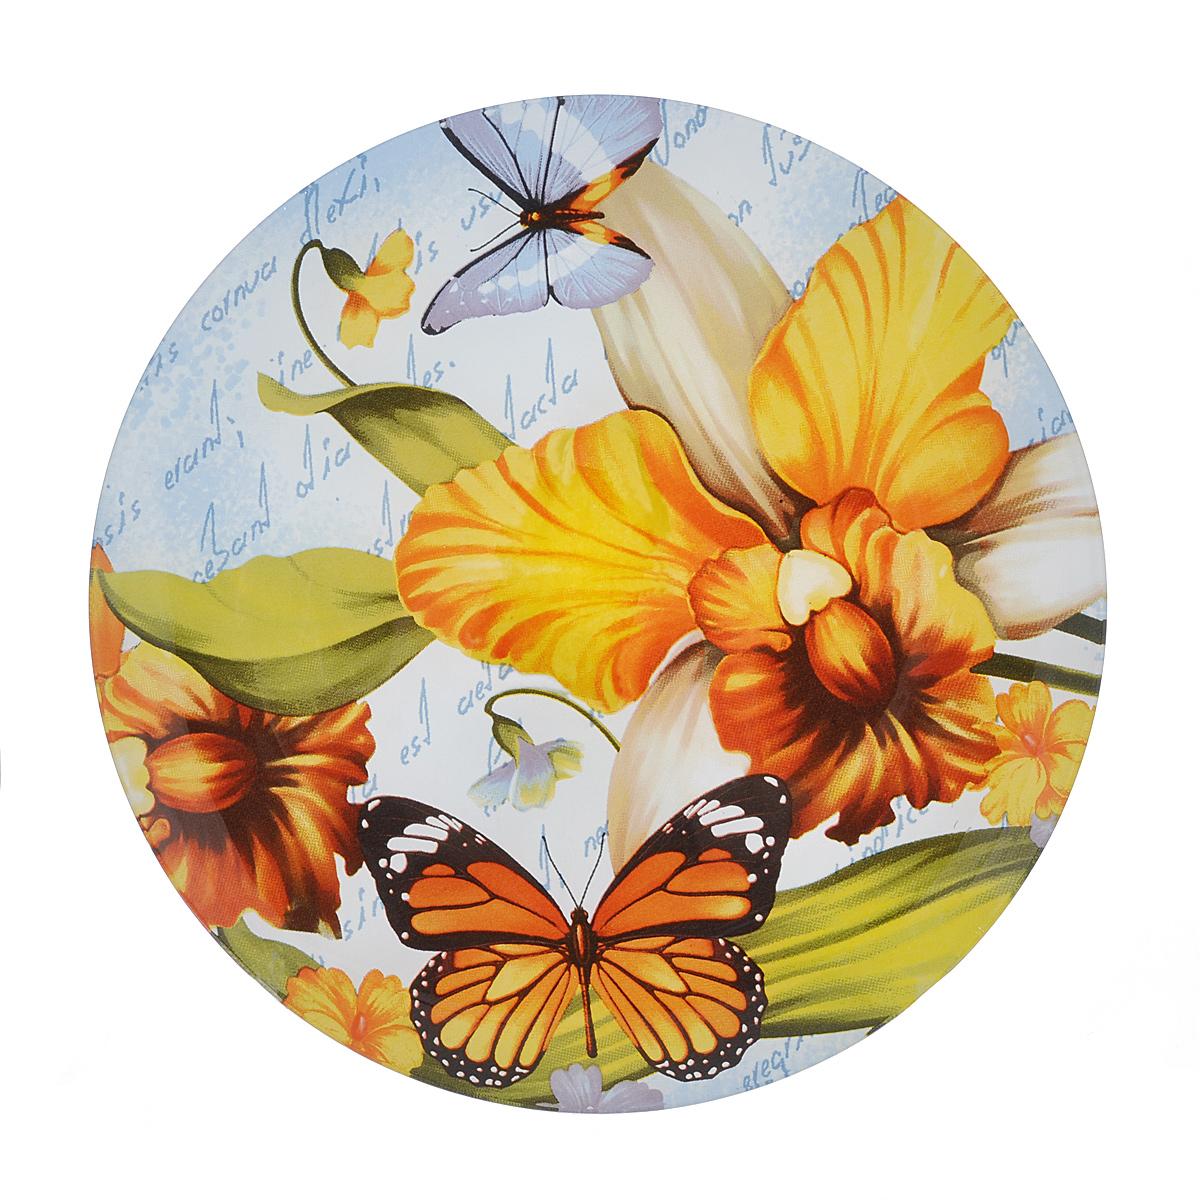 Тарелка Zibo Shelley Лето, диаметр 20 см115510Тарелка Zibo Shelley Лето изготовлена из высококачественного стекла. Предназначена для красивой подачи различных блюд. Изделие украшено ярким изображением цветов. Такая тарелка украсит сервировку стола и подчеркнет прекрасный вкус хозяйки.Можно мыть в посудомоечной машине. Диаметр: 20 см.Высота: 1 см.